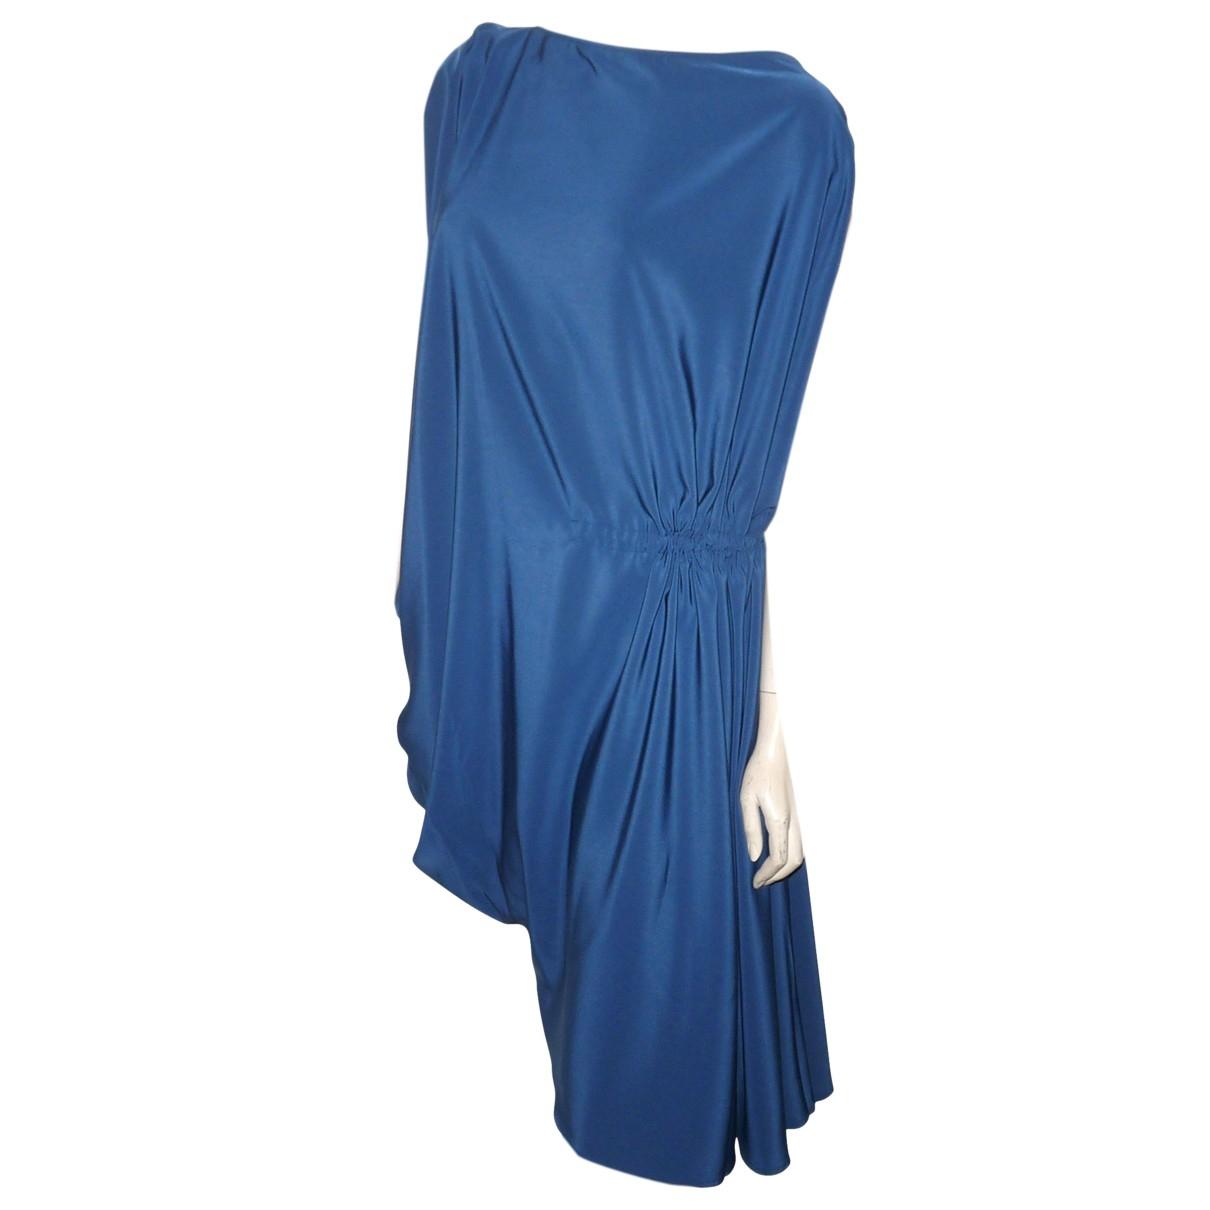 Maison Martin Margiela \N Blue dress for Women 42 FR